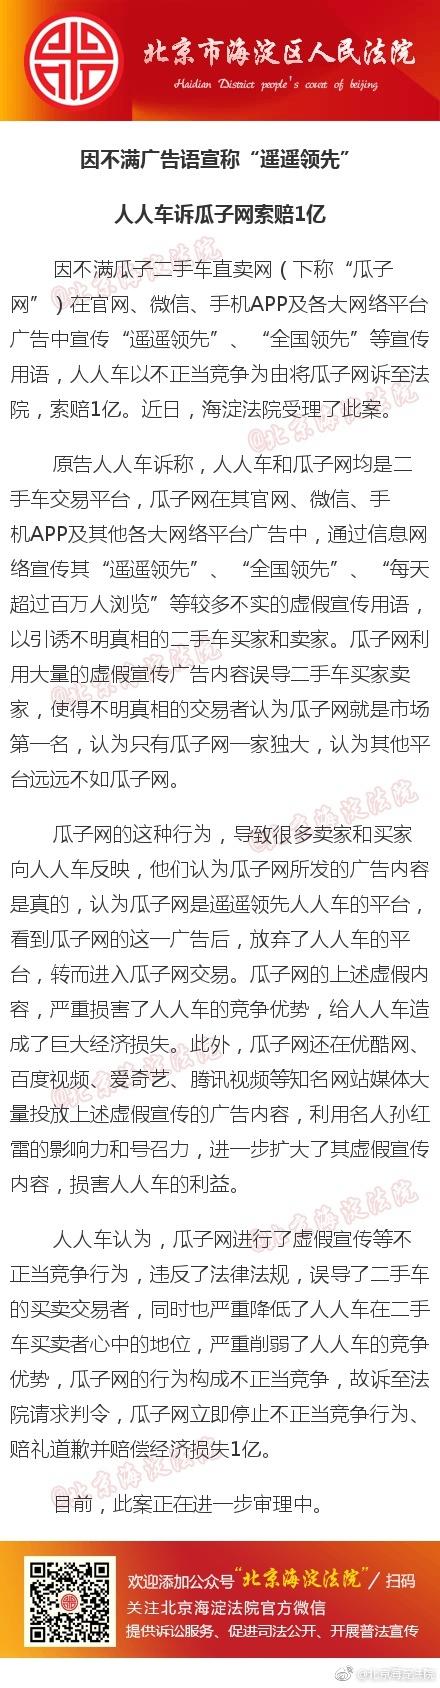 """瓜子二手车广告称""""遥遥领先"""" 人人车起诉索赔1亿"""